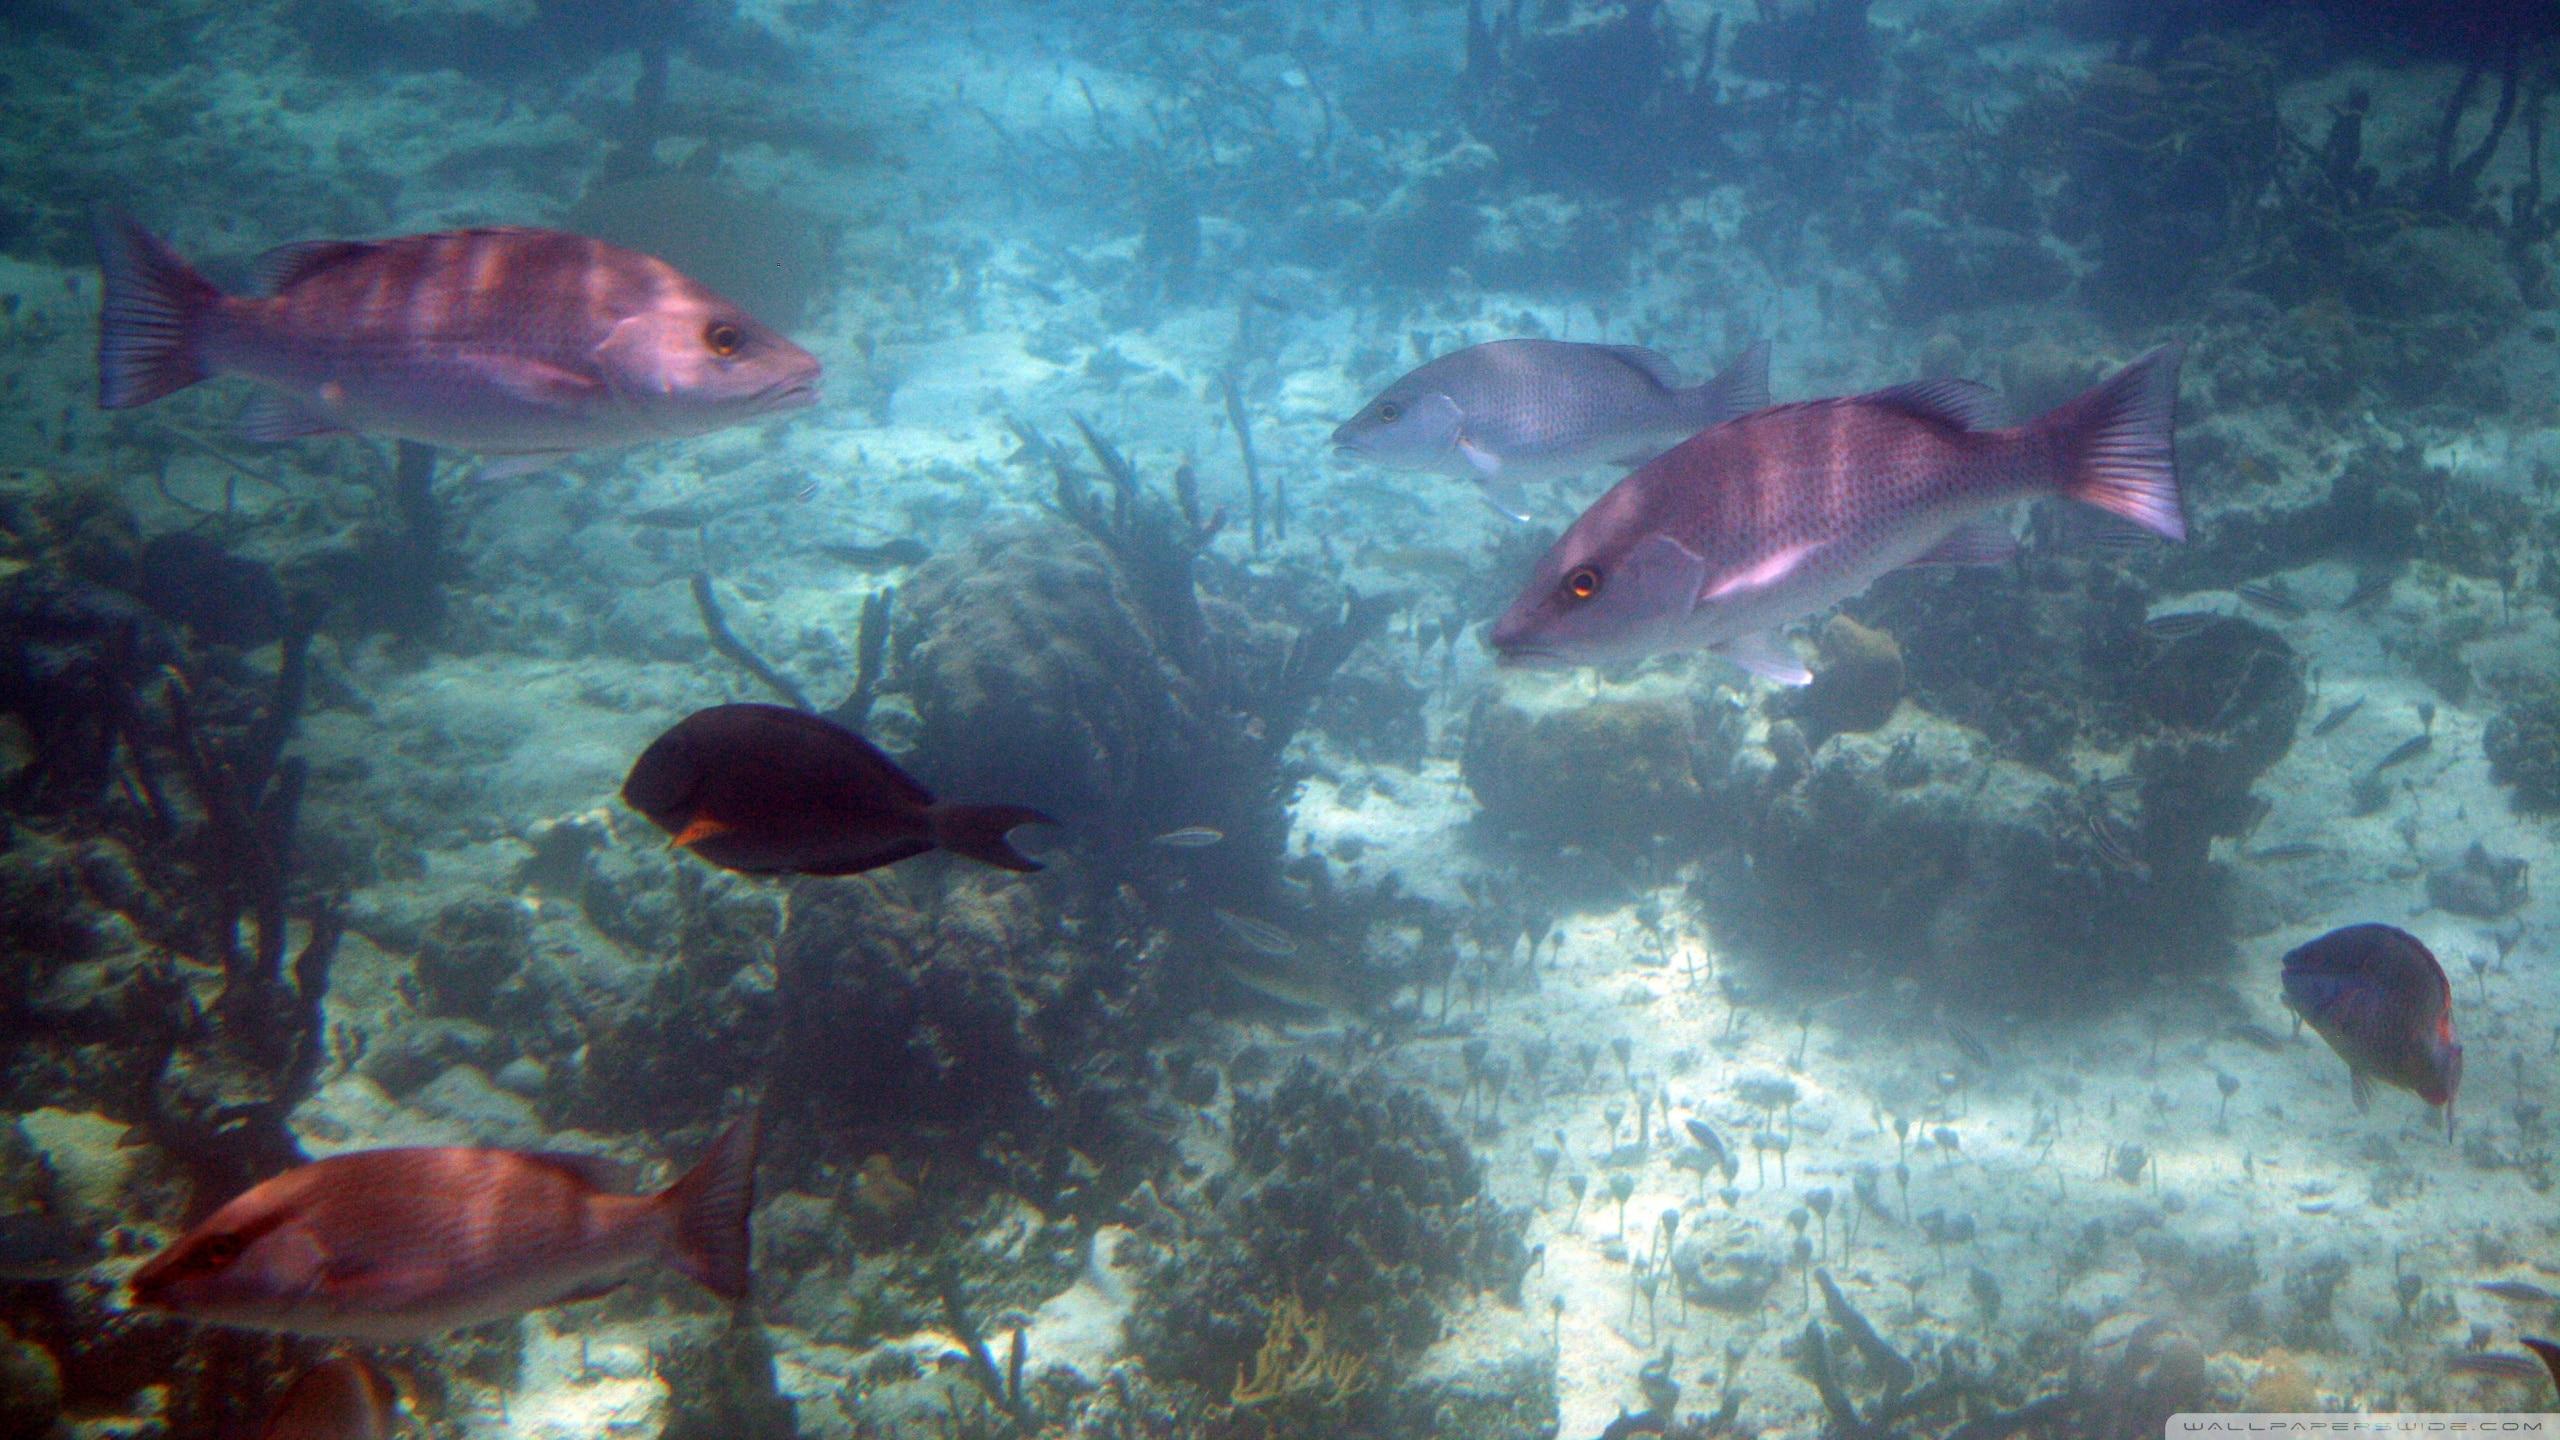 背景 壁纸 海底 海底世界 海洋馆 皮肤 水族馆 星空 宇宙 桌面 2560